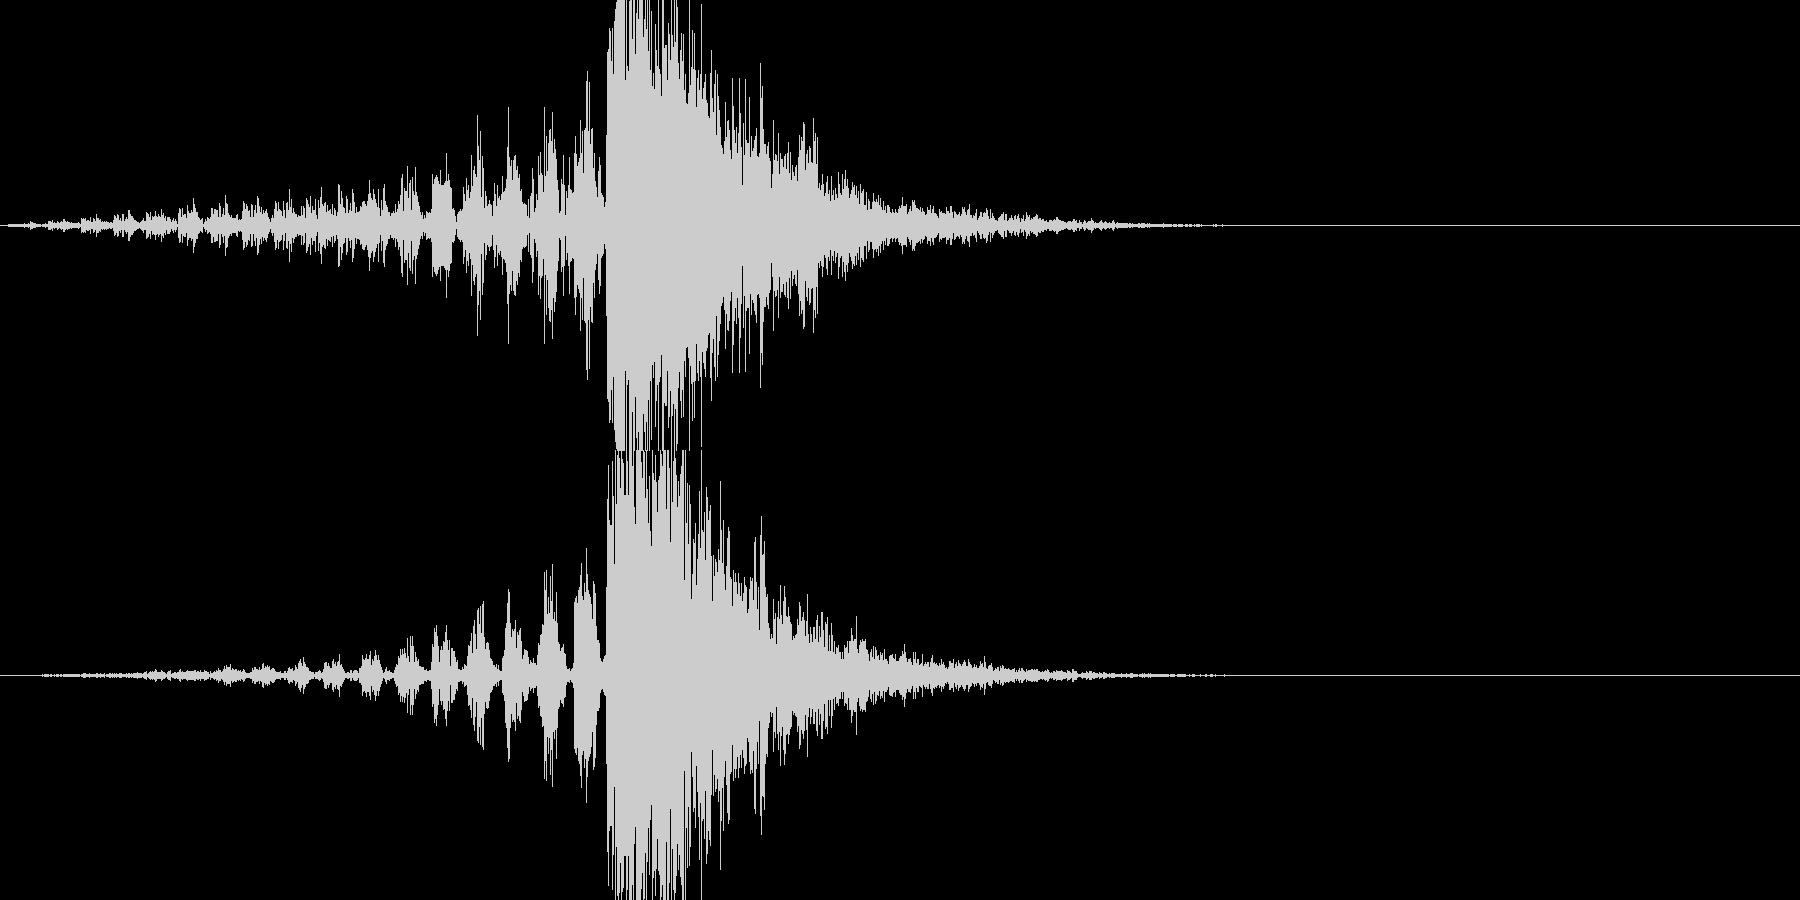 マトリックス的なスローになって動く音の未再生の波形